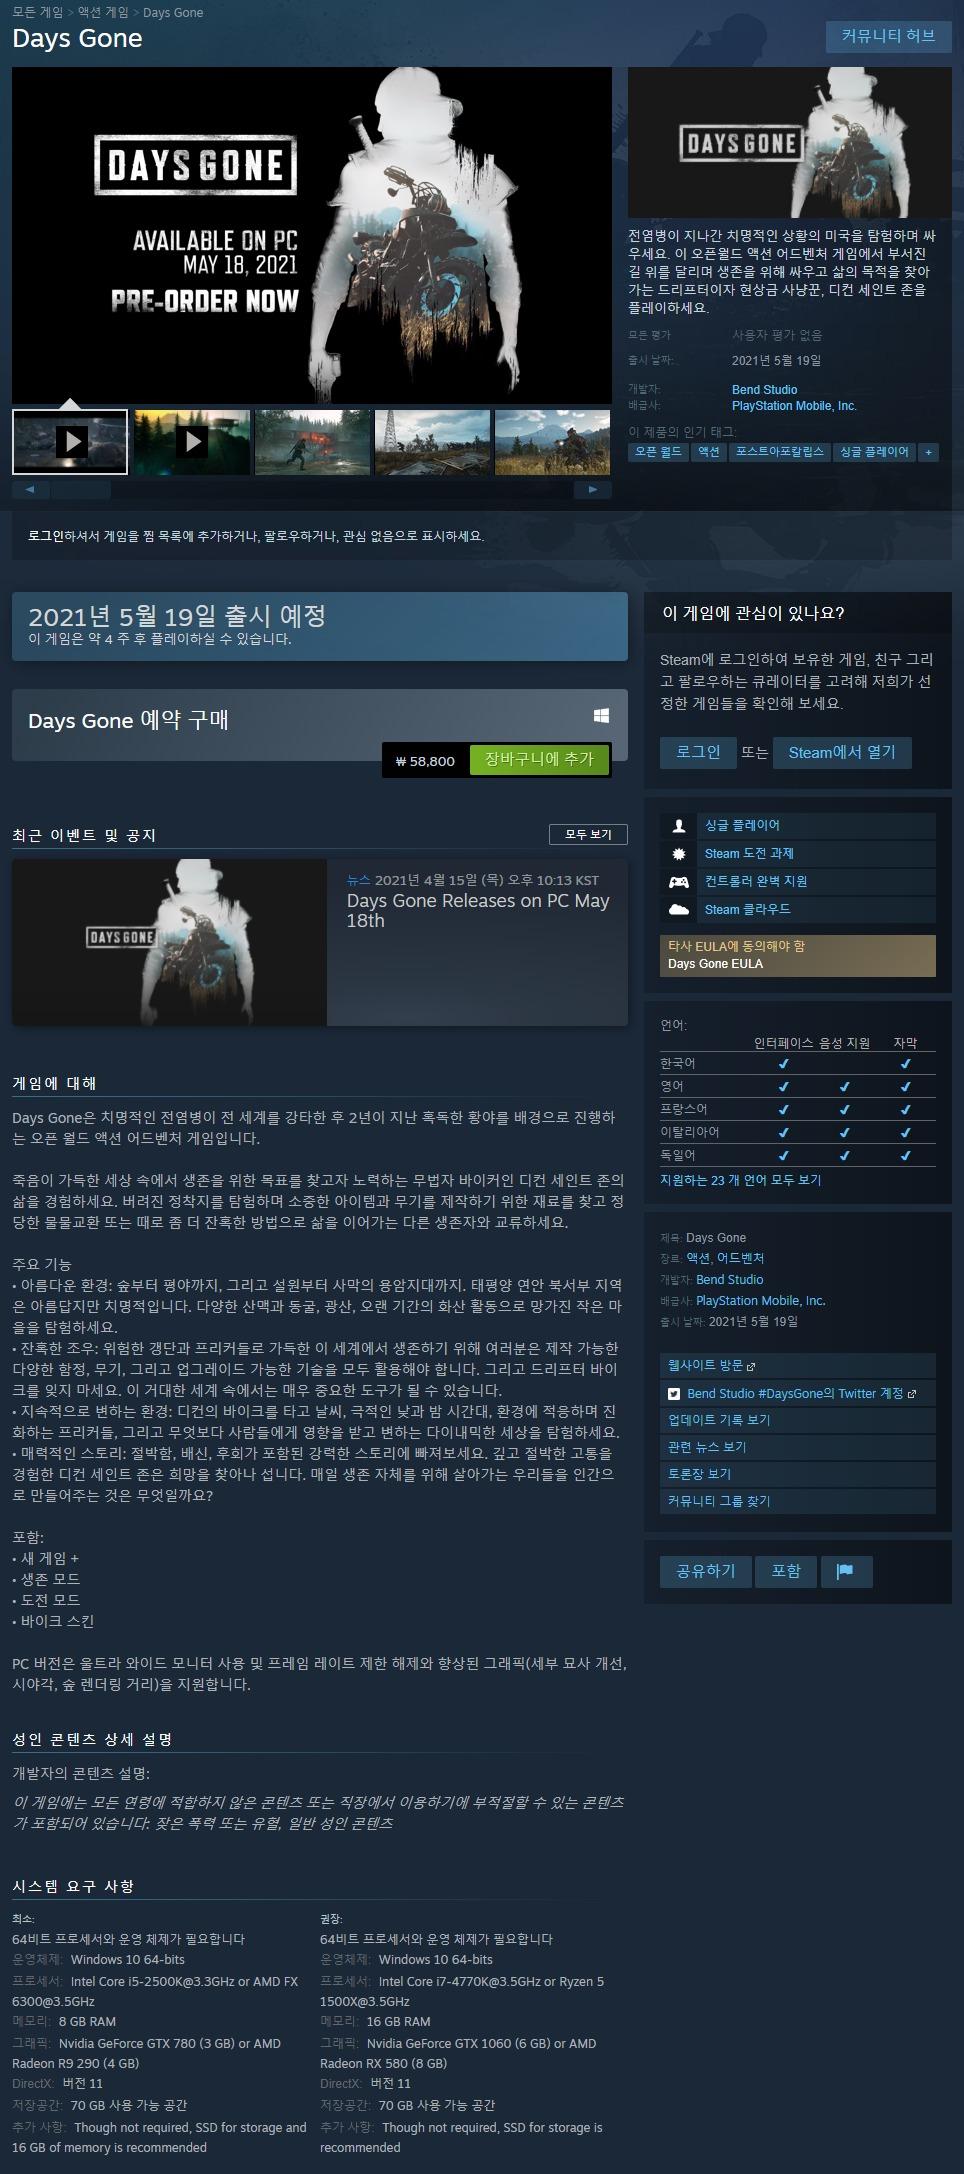 FireShot Capture 590 - Steam에서 Days Gone 예약 구매 - store.steampowered.com.jpg